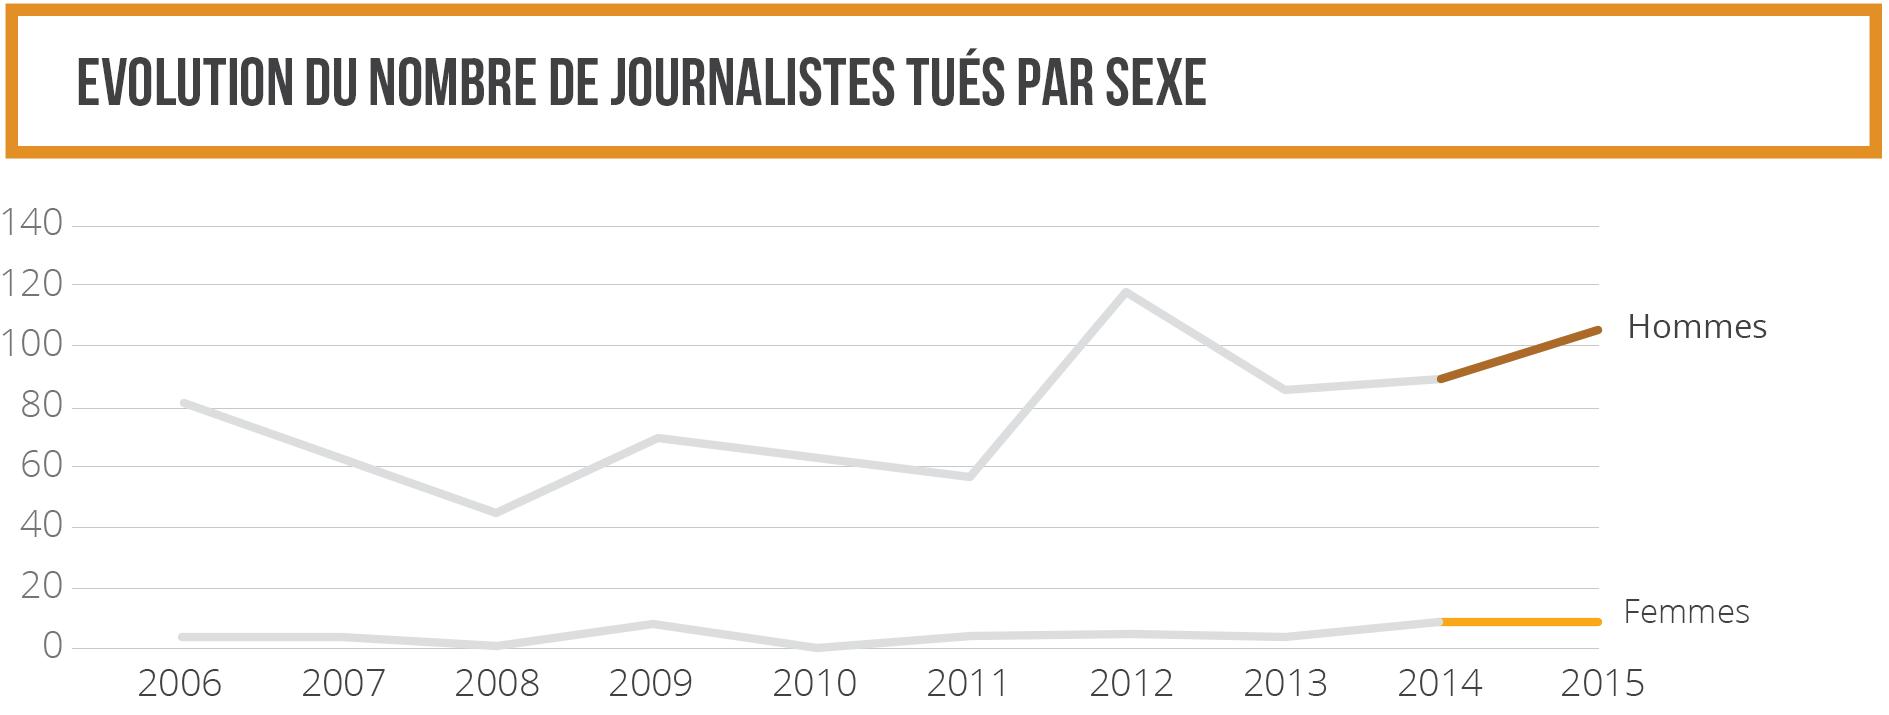 Evolution du nombre de journalistes tués par sexe 2014-2015